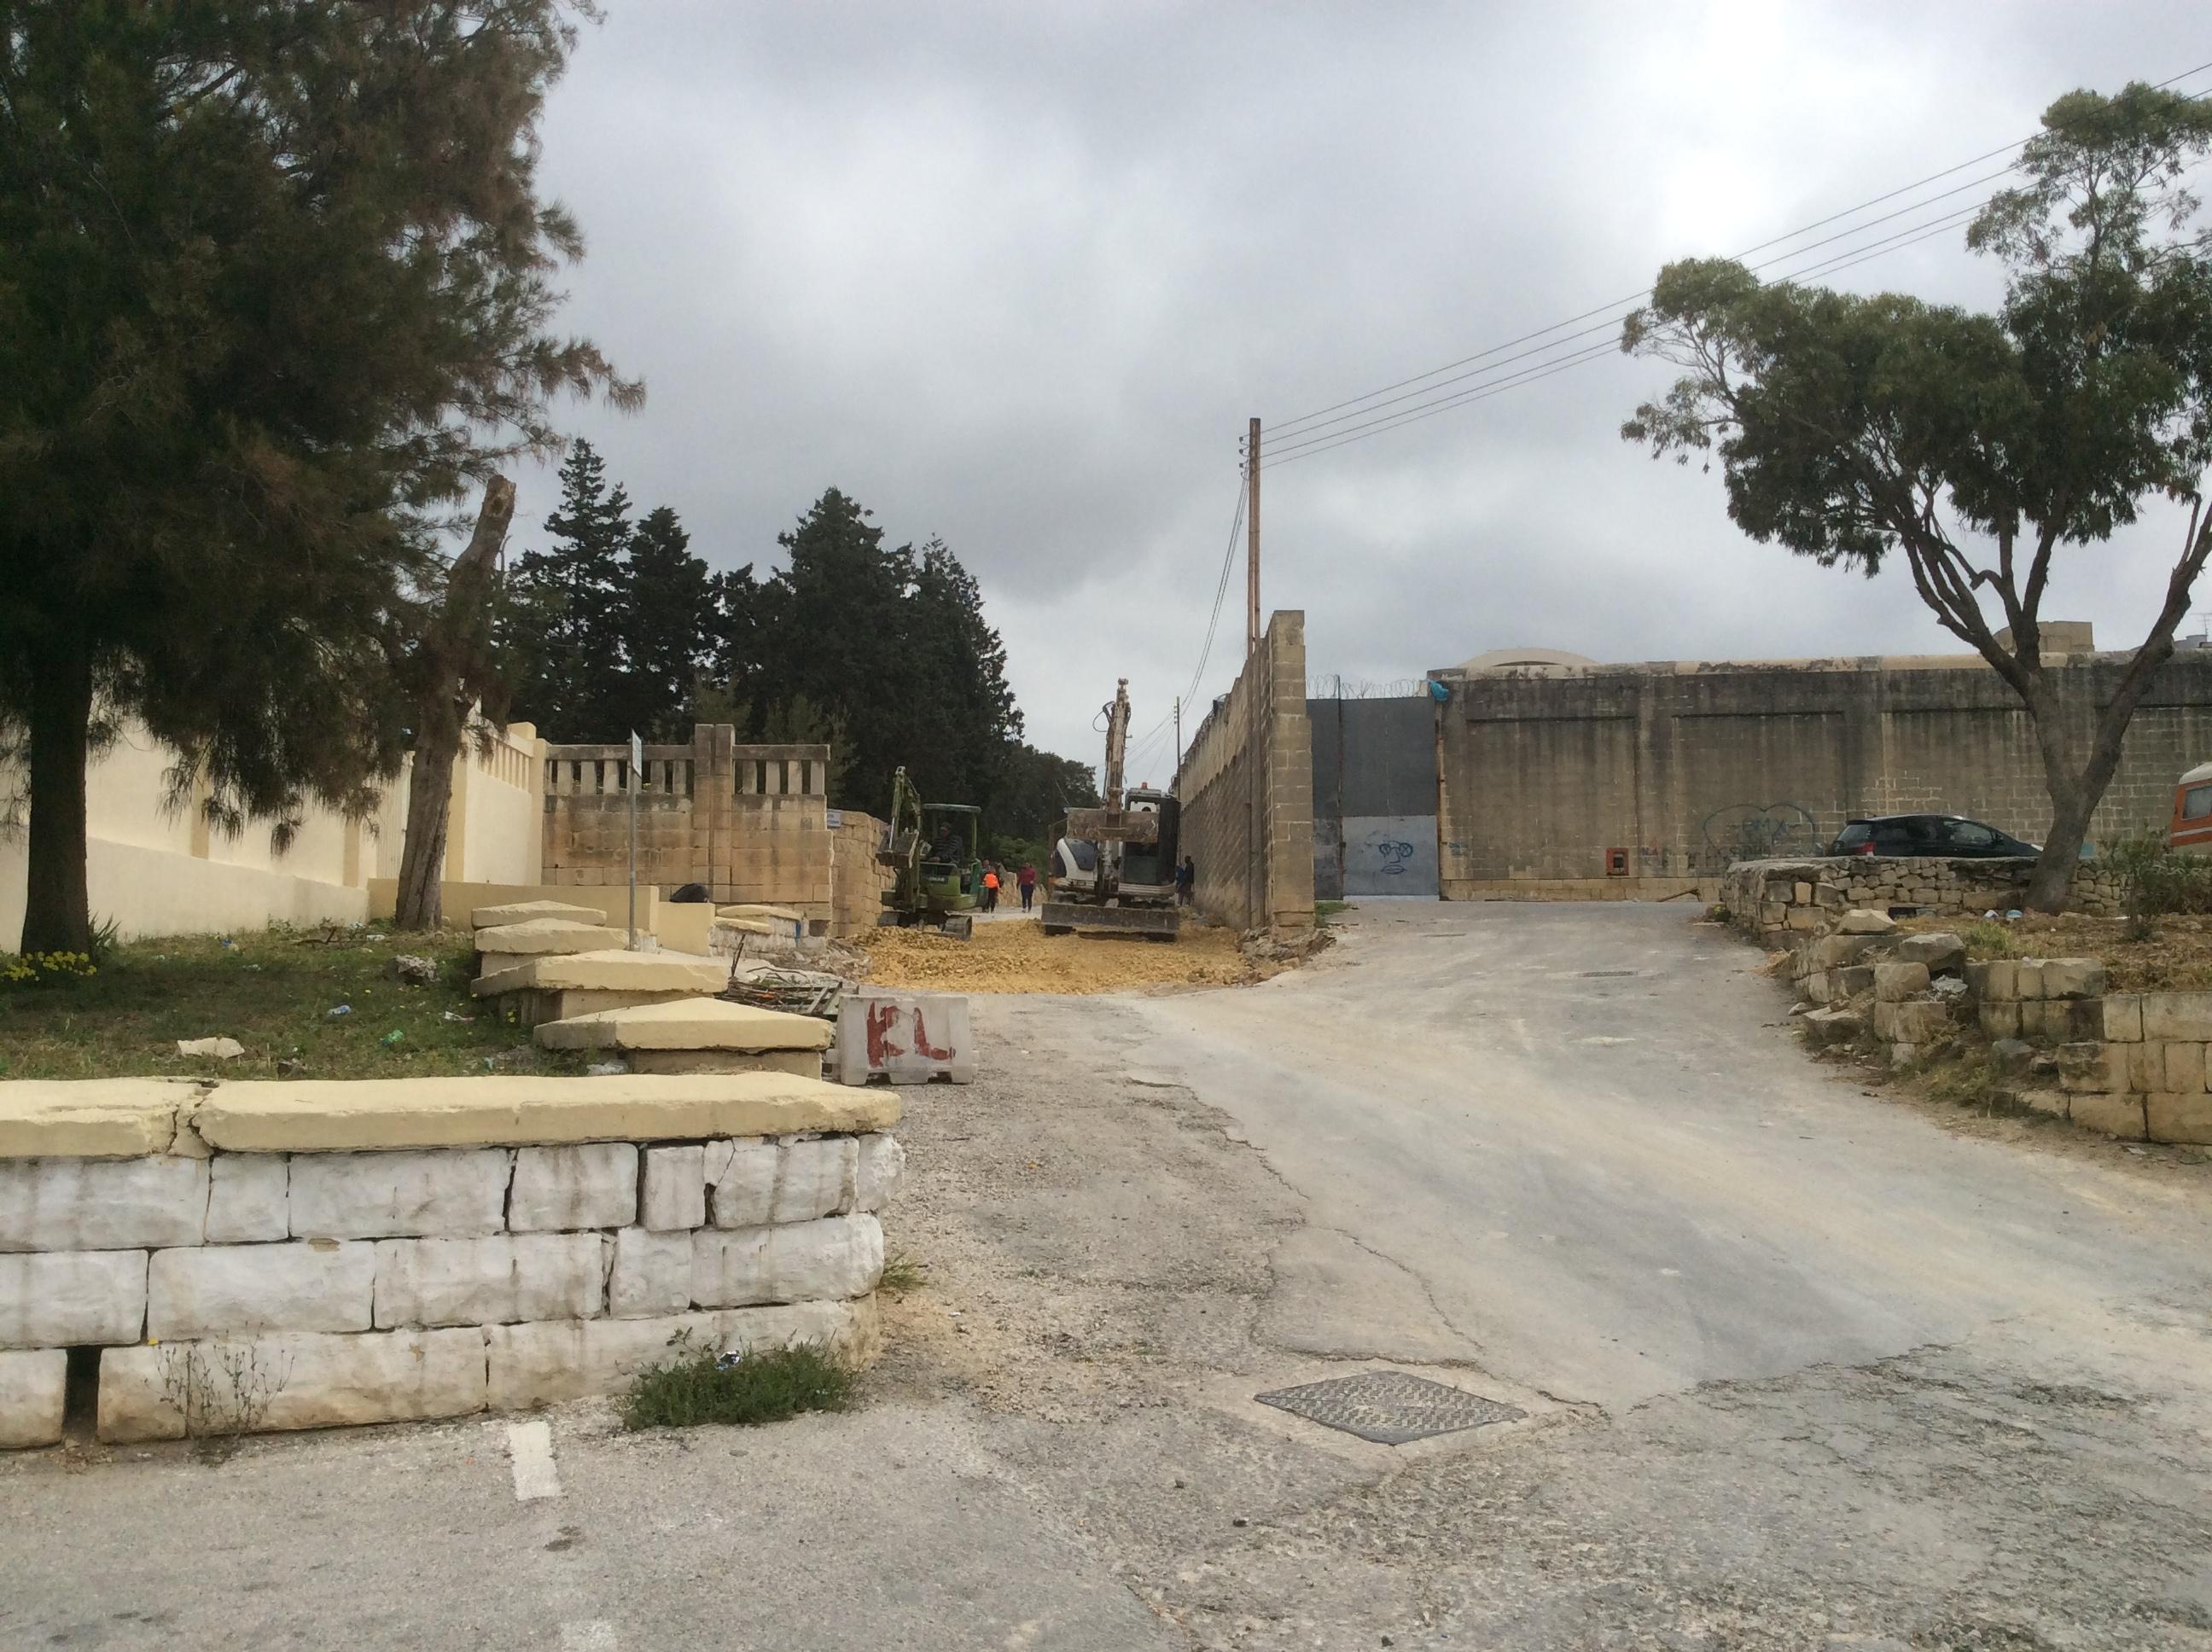 Renovation of the Mediterranean Garden in Paola.jpg English: Mediterranean Garden Date 25 March 2017, 11:26:33 Source Own work Author Continentaleurope